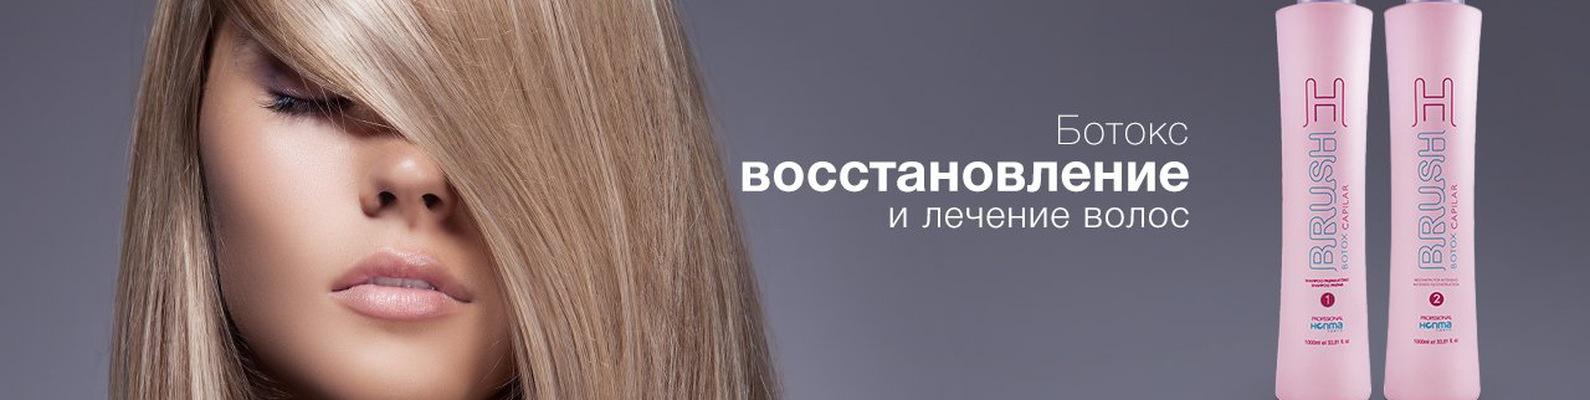 Honma tokyo ботокс для волос купить казань